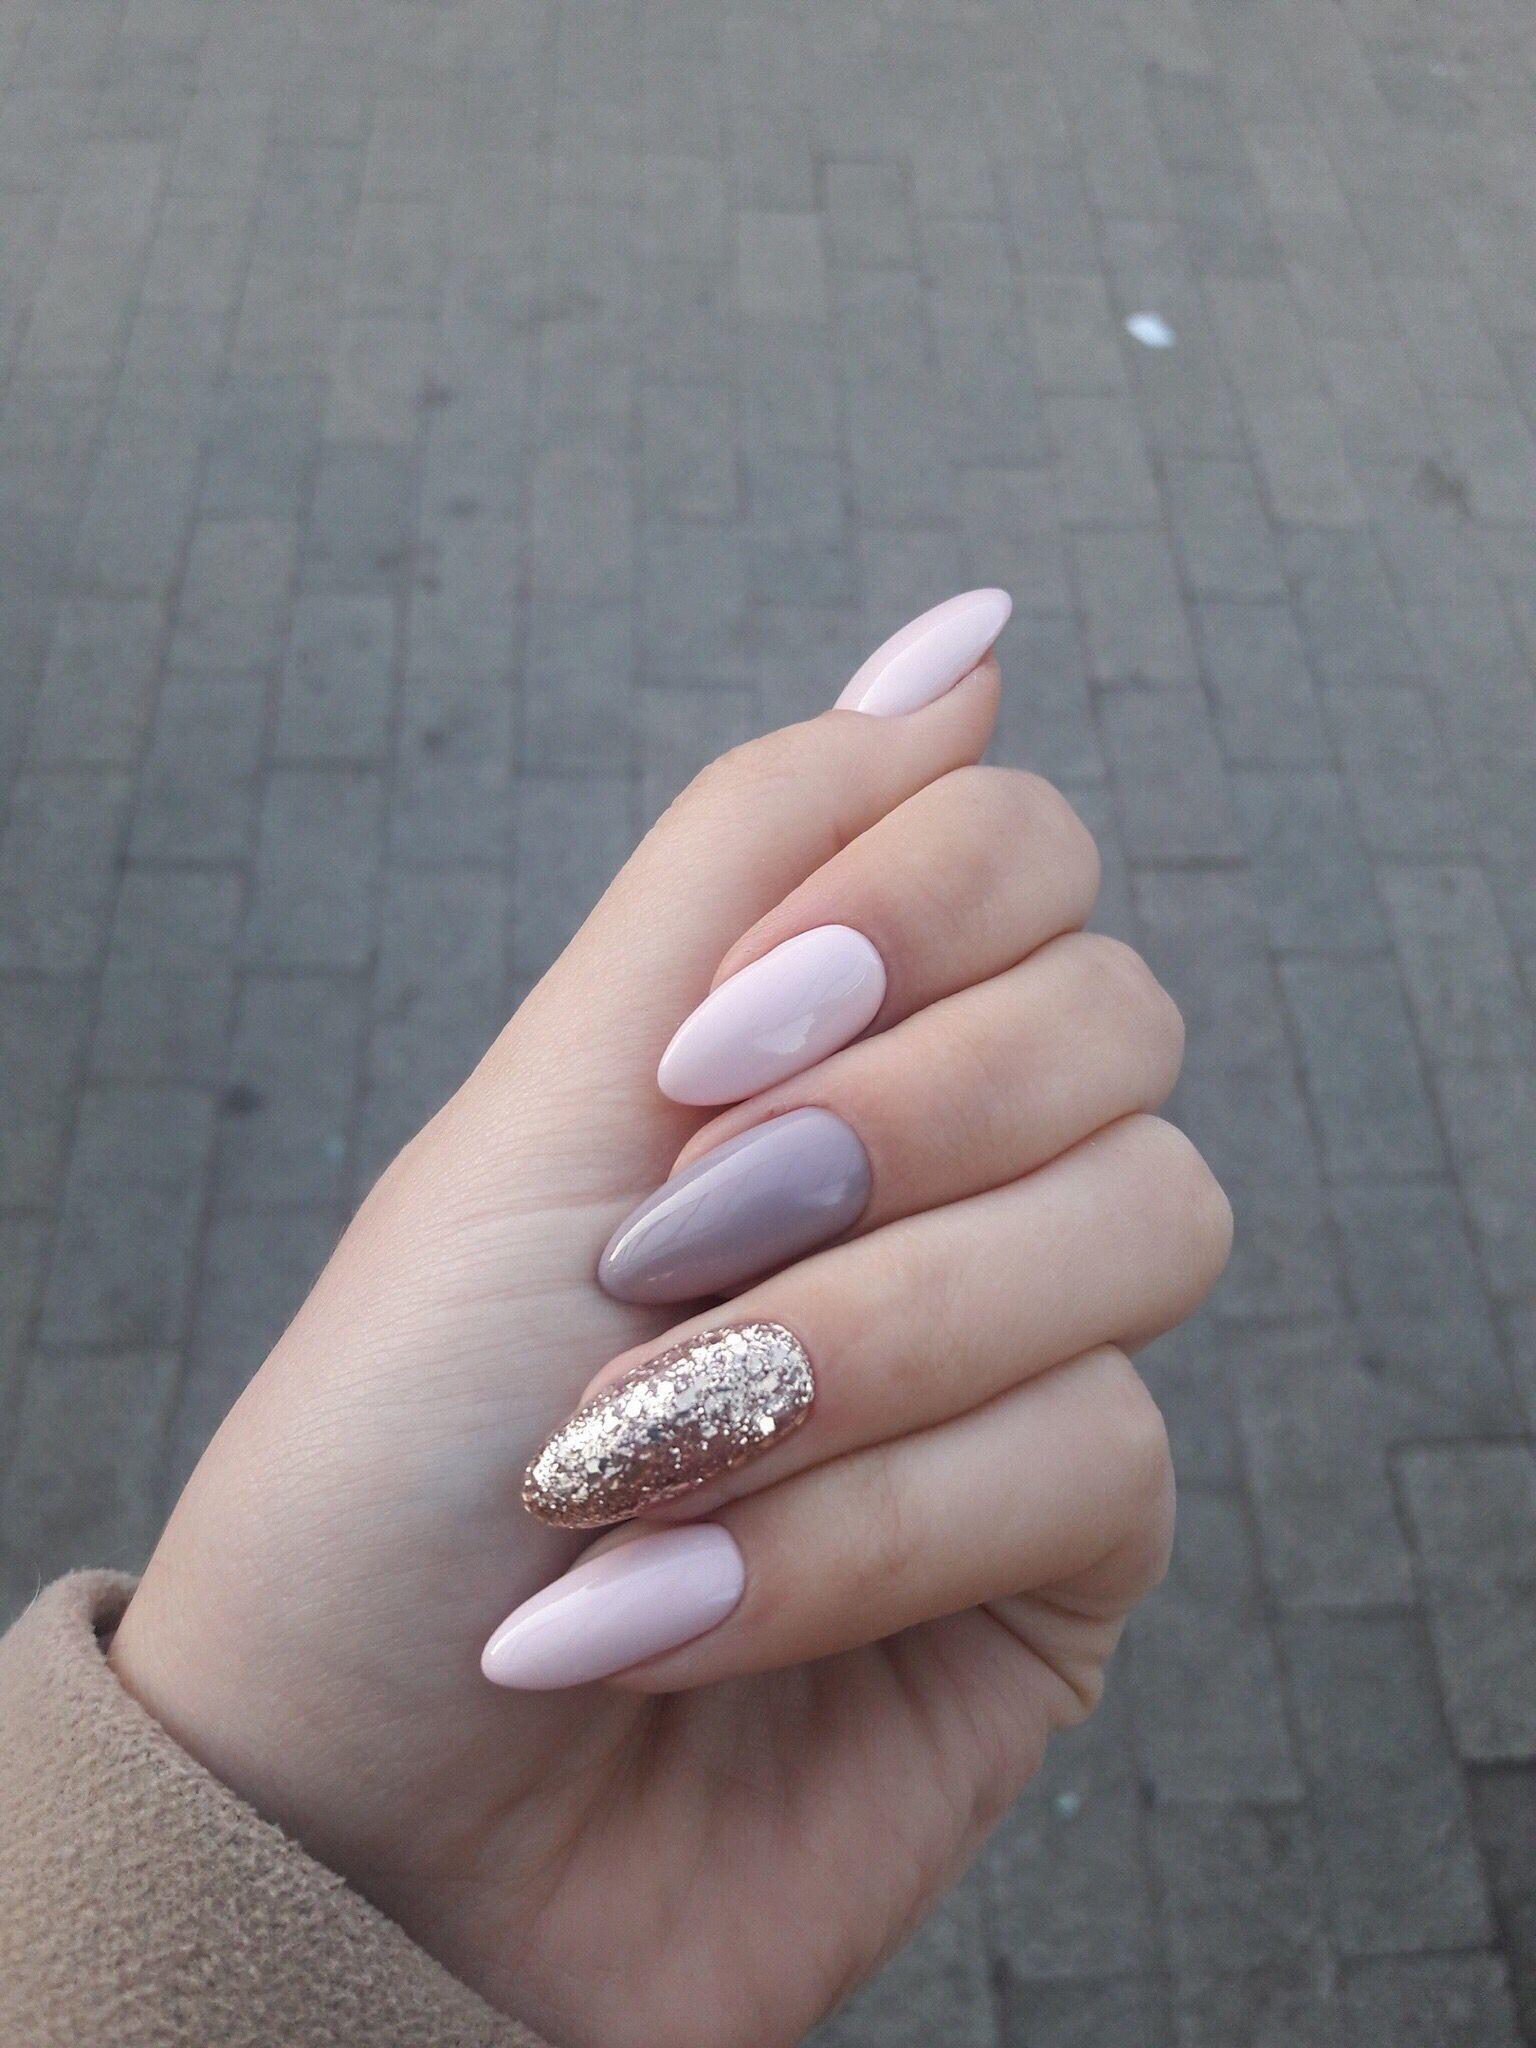 Pin By Bara Senkova On Nails In 2020 Design Nehtu Umele Nehty Gelove Nehty